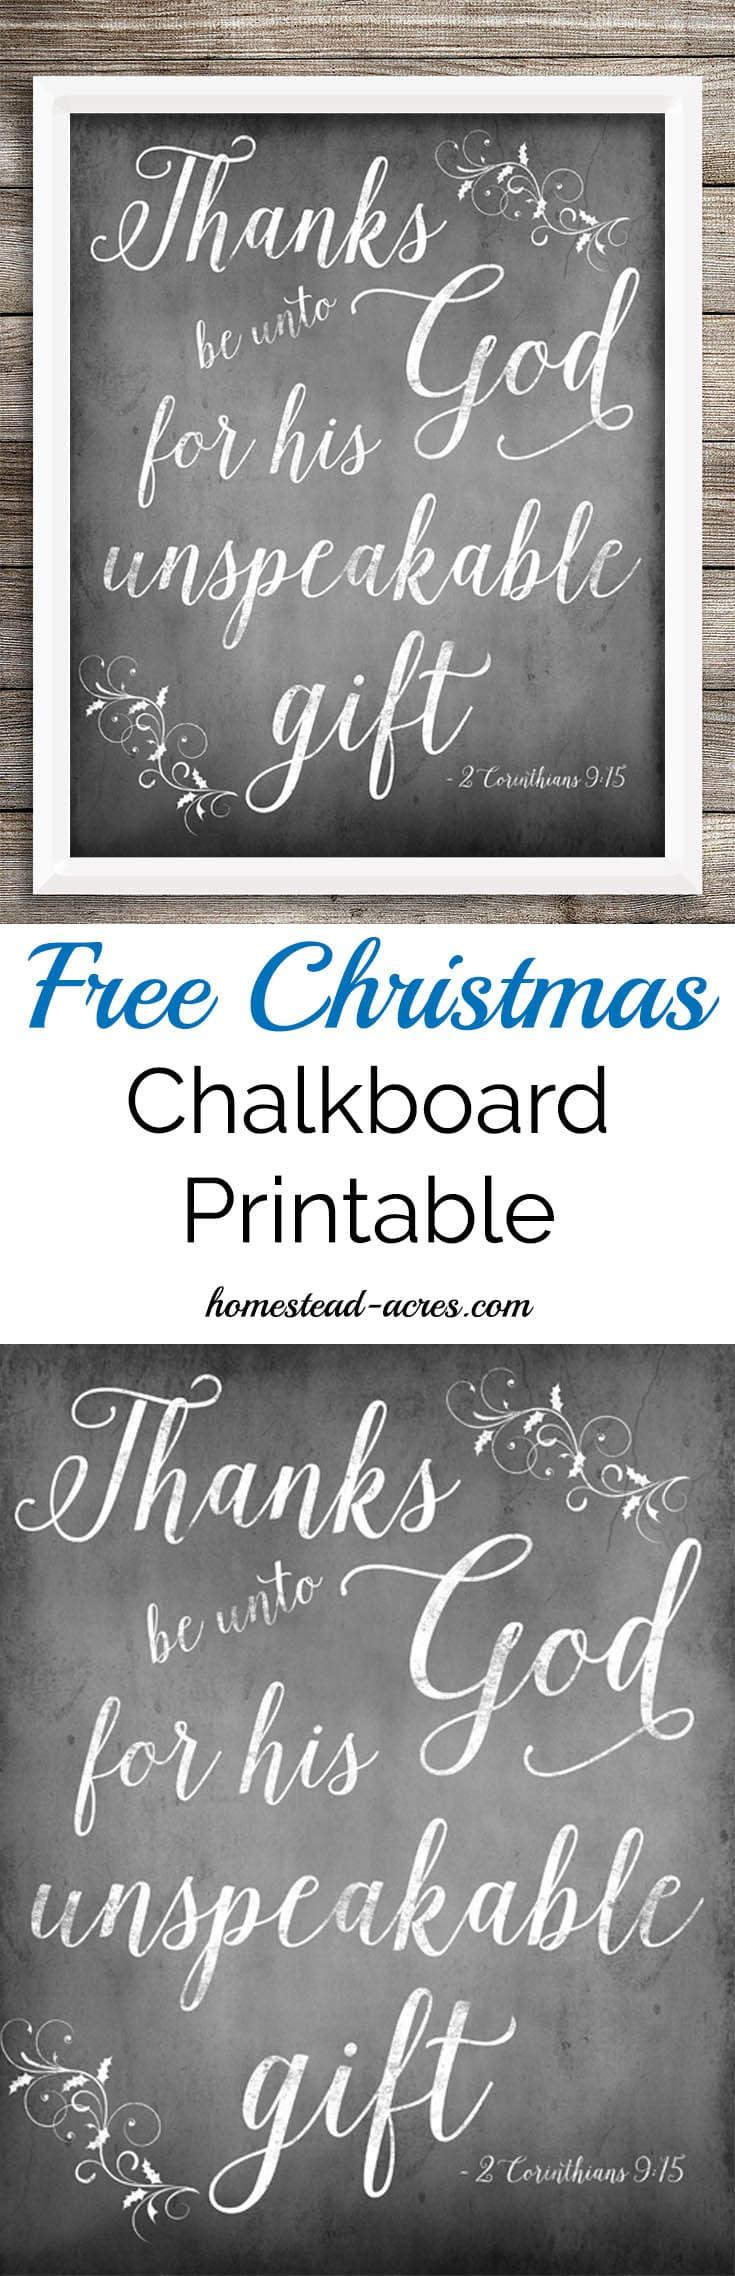 Free Christmas Chalkboard Printable Thanks Be Unto God For His ...